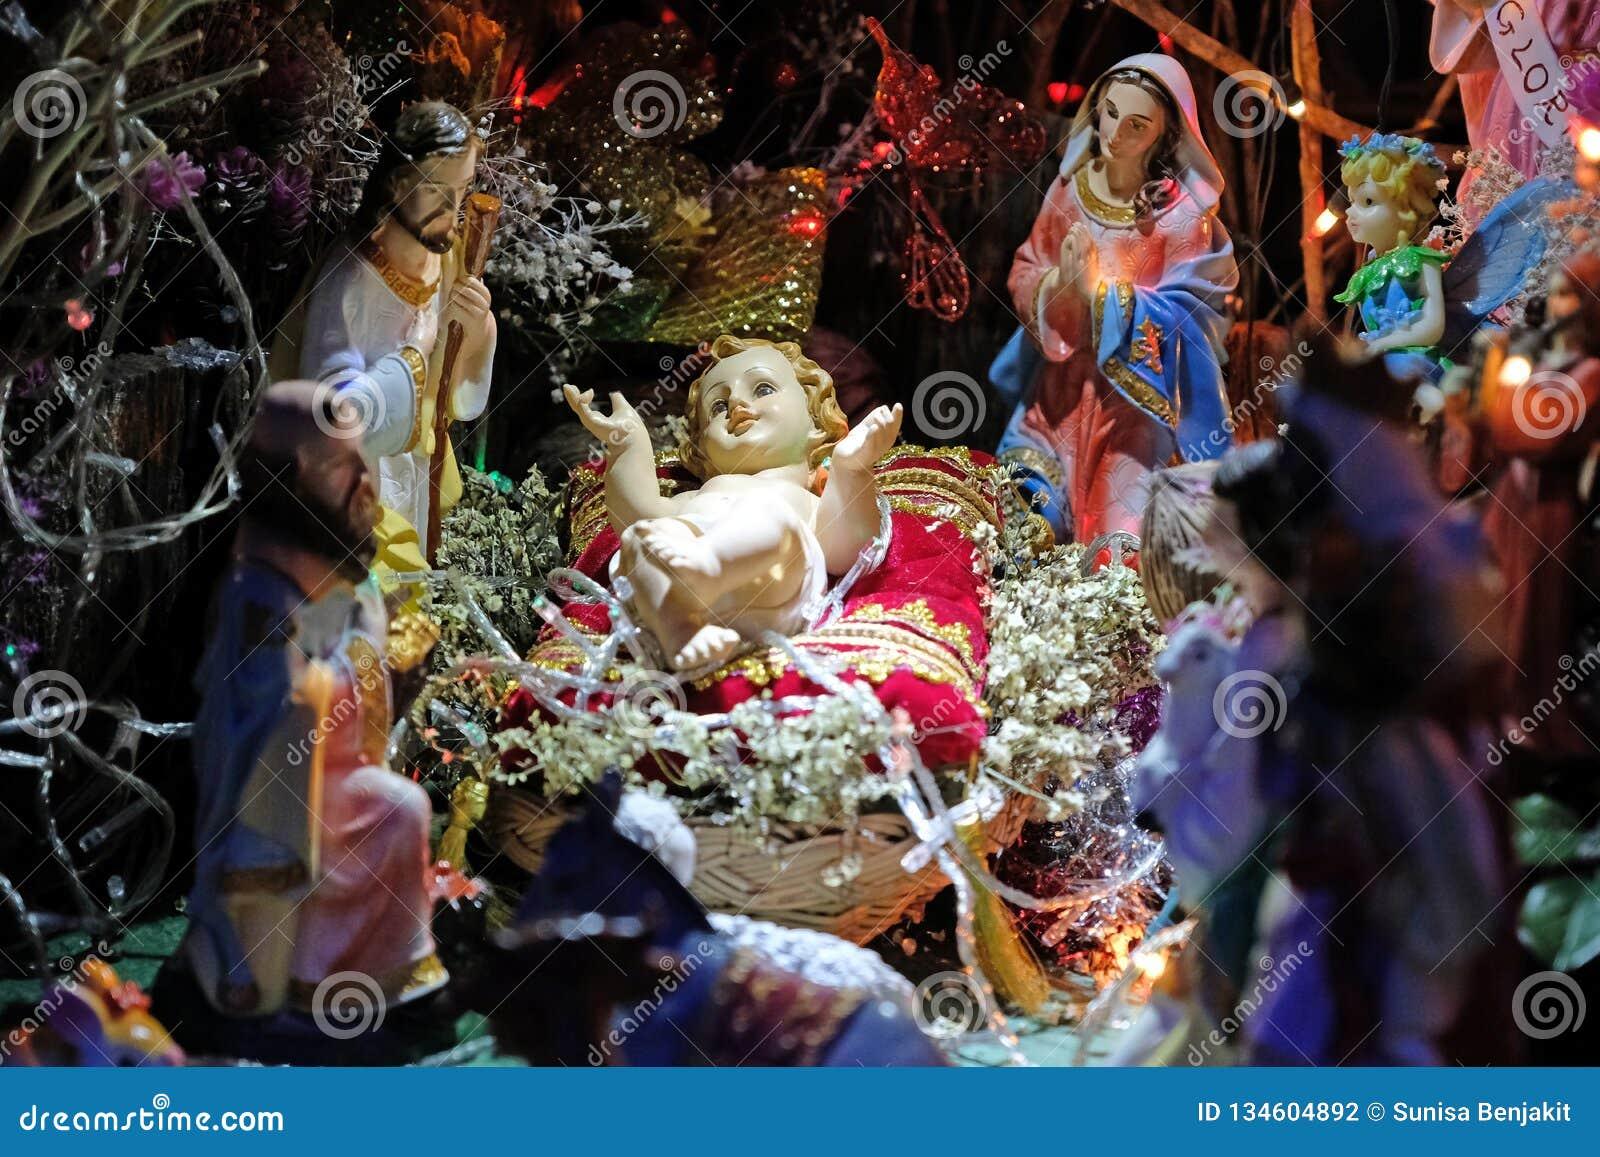 Jesus Christmas Pic.Christmas Nativity Scene With Baby Jesus Stock Photo